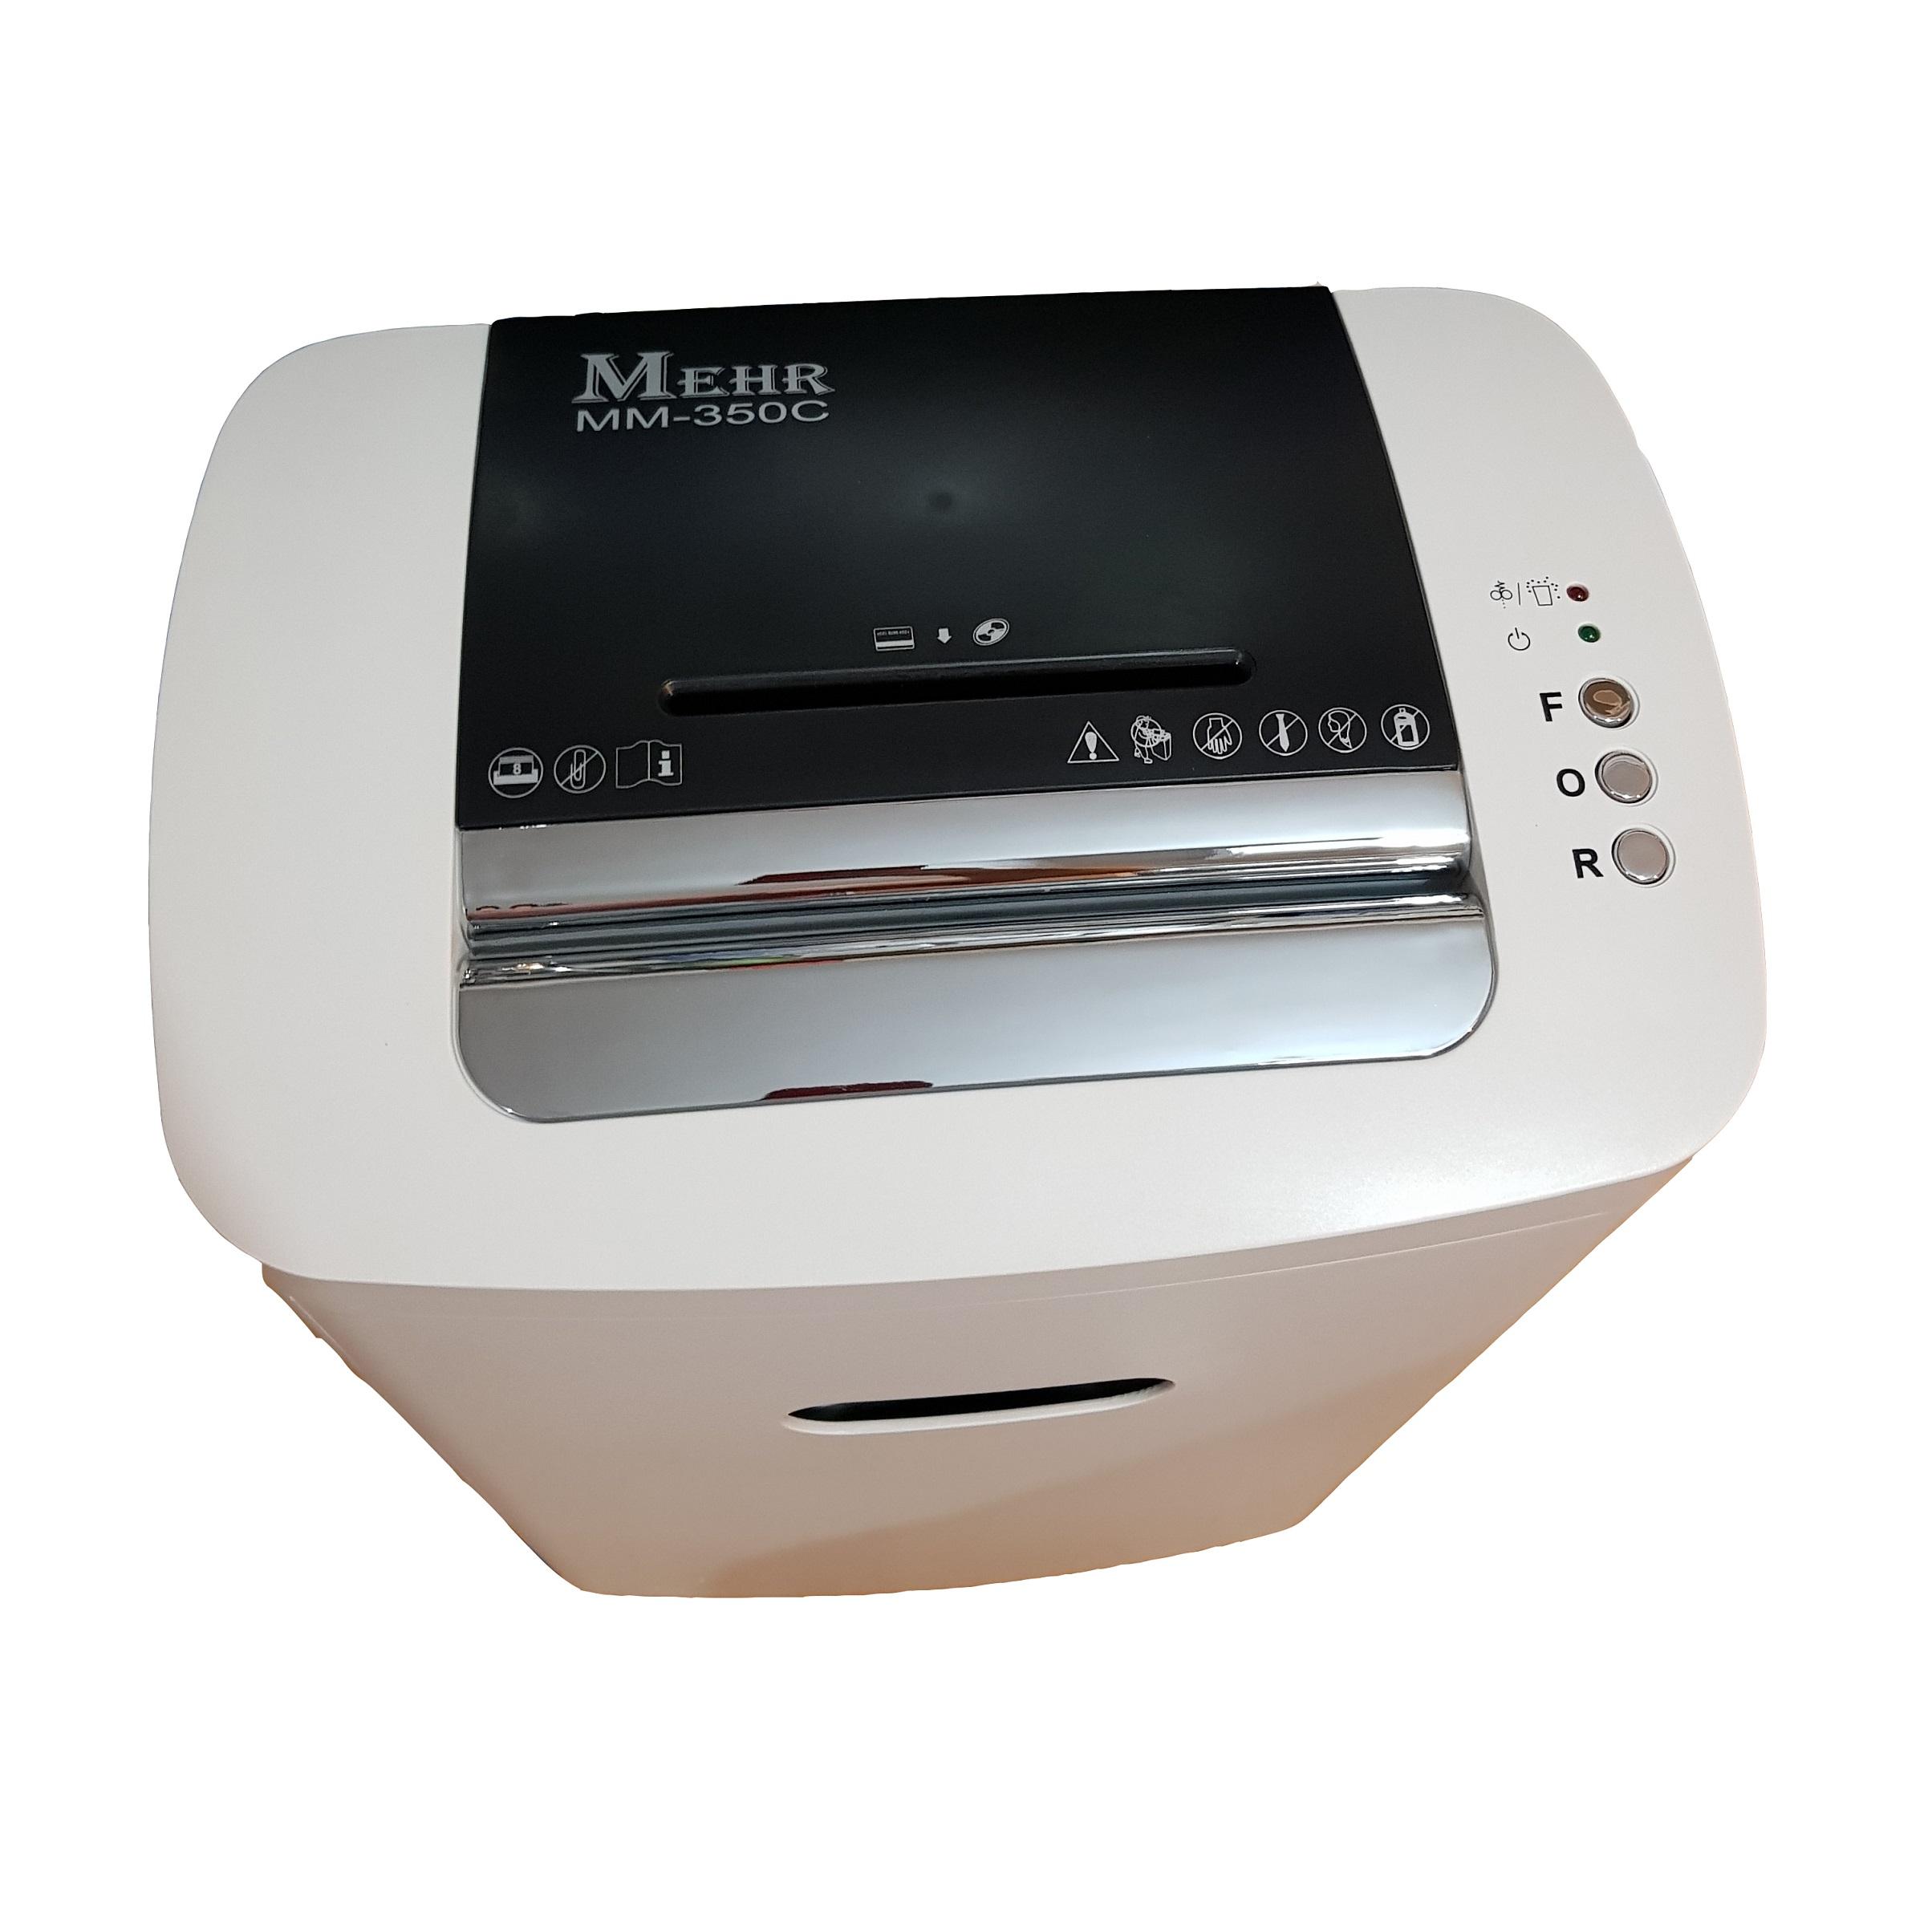 کاغذ خرد کن مهر مدل MM-350 C